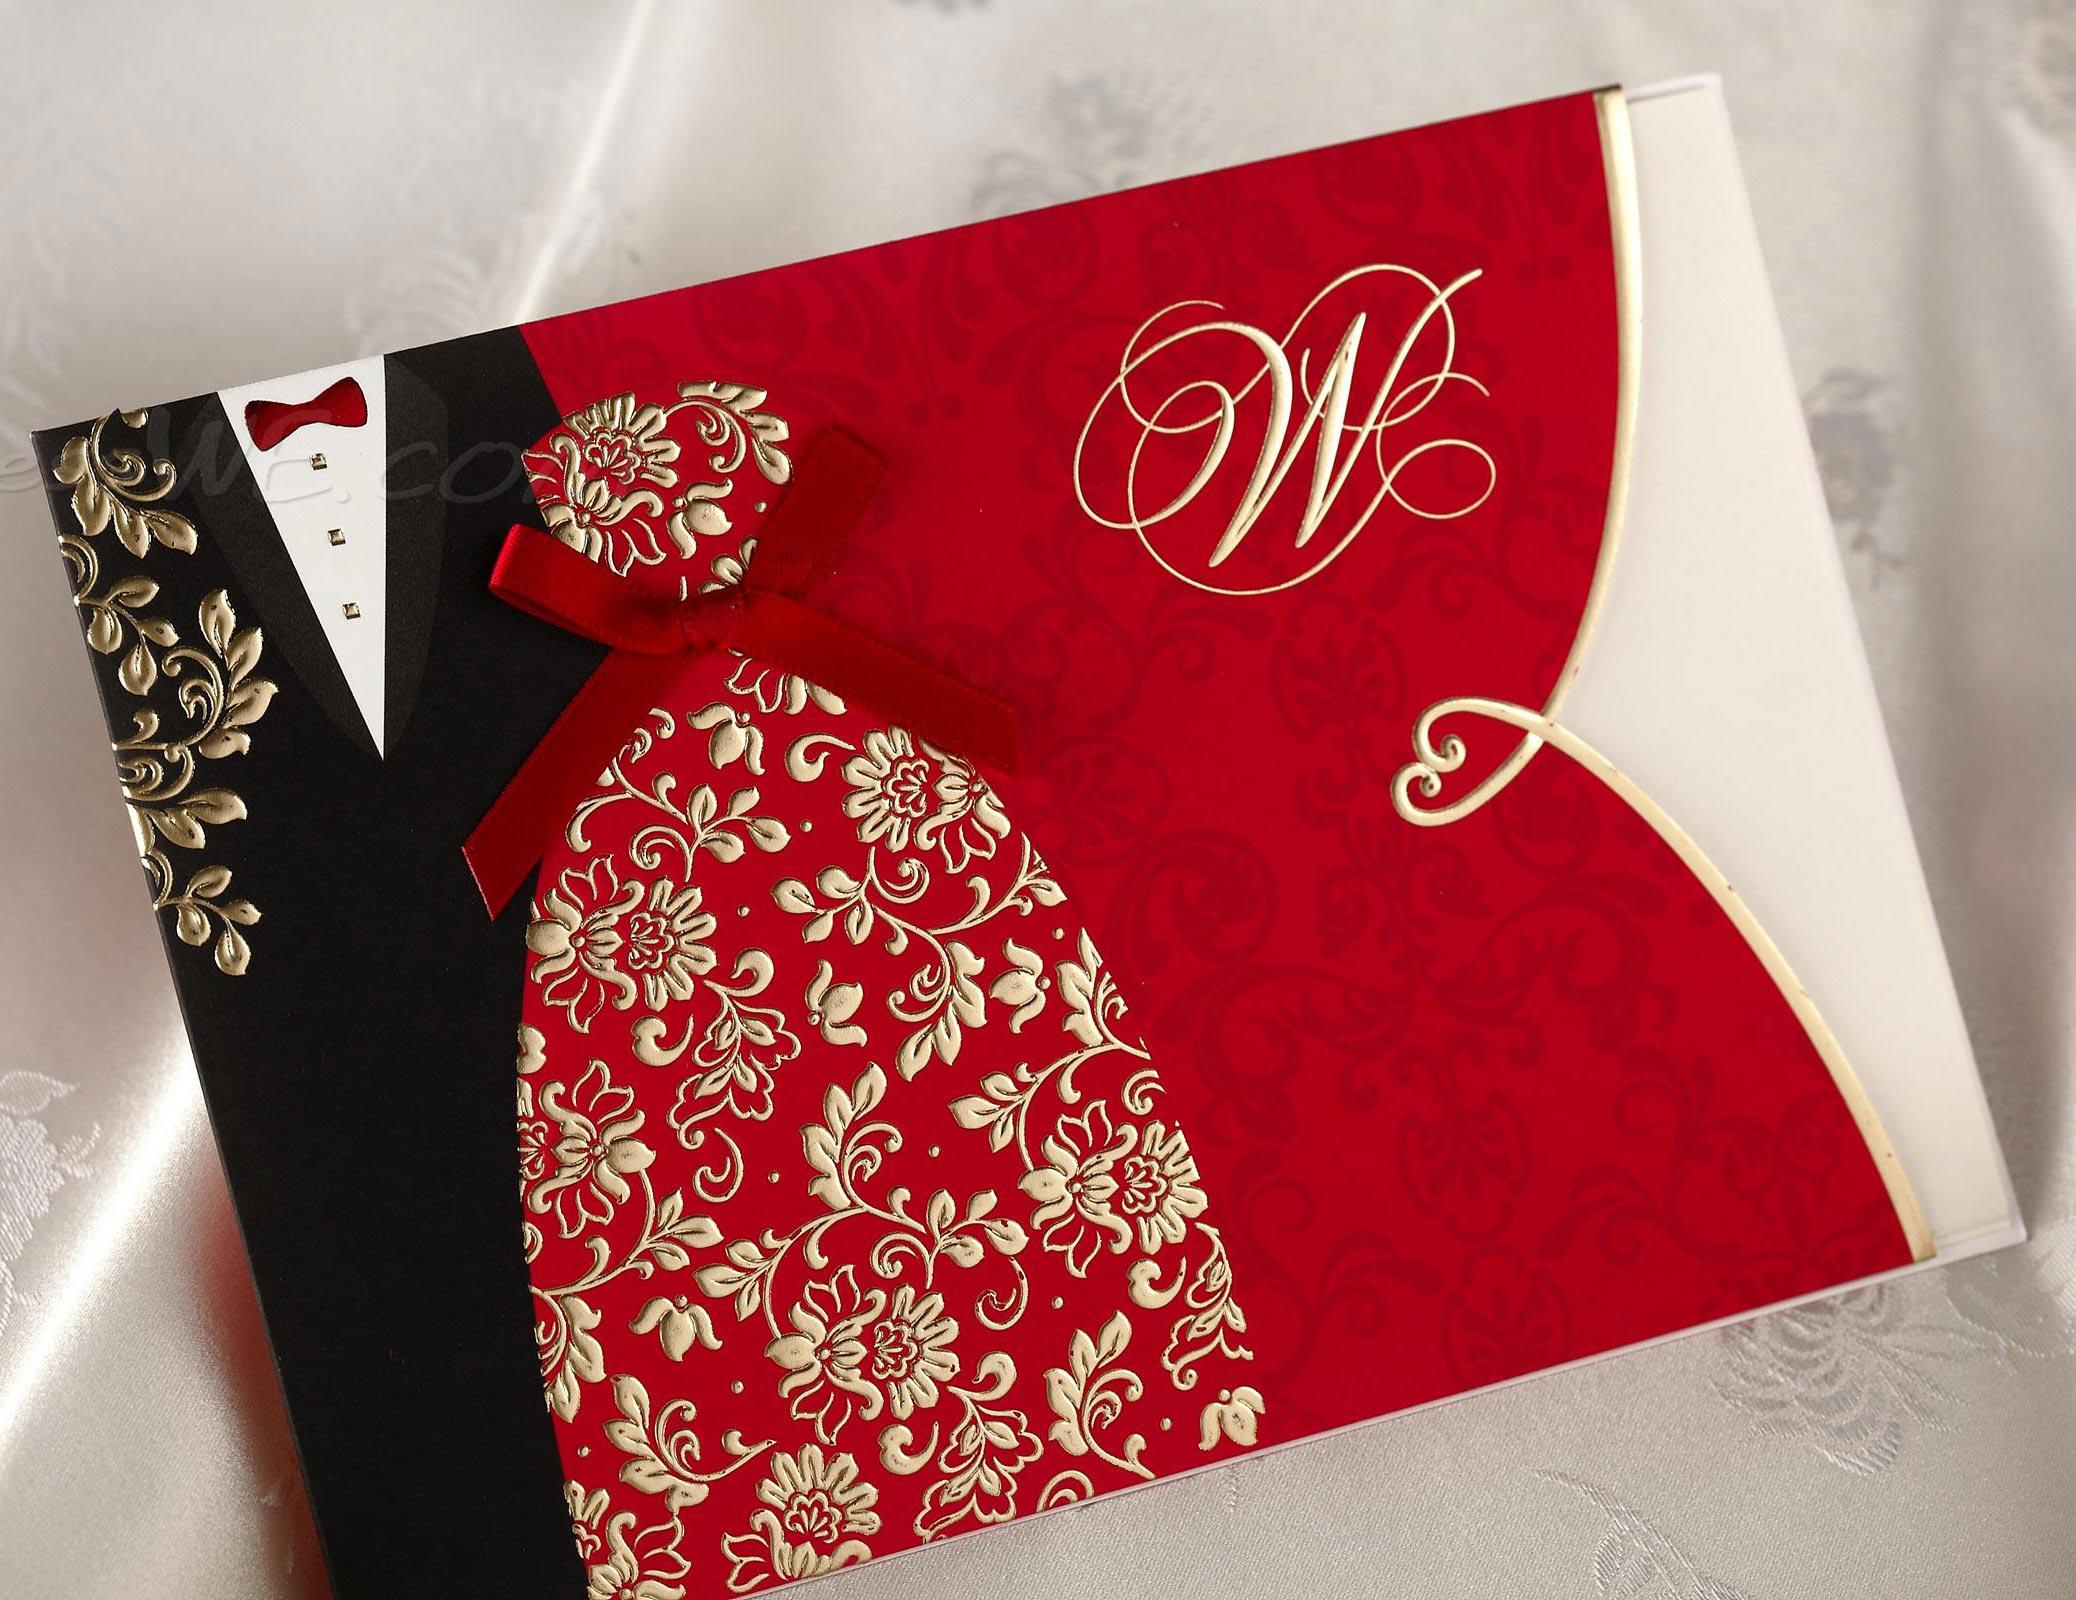 Thiệp cưới đẹp màu đỏ họa tiết trang phục cô dâu chú rể